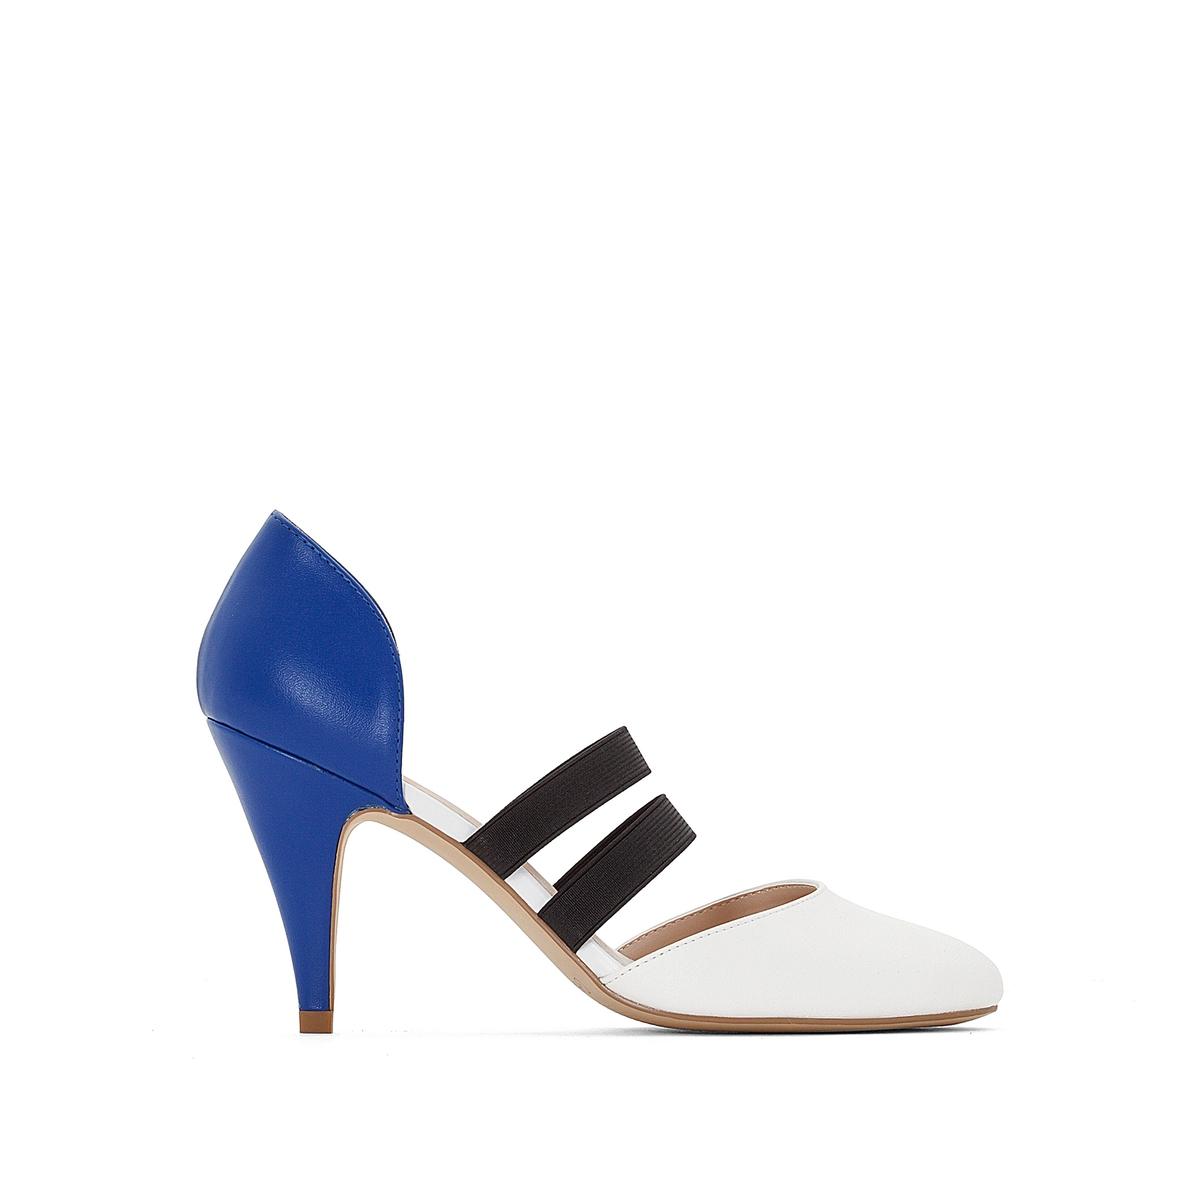 Туфли на высоком каблуке с эластичными вставкамиВерх : синтетика   Подкладка : синтетика   Стелька : синтетика   Подошва : эластомер   Высота каблука : 9 см   Форма каблука : шпилька   Мысок : закругленный   Застежка : эластичные вставки<br><br>Цвет: синий/ белый<br>Размер: 38